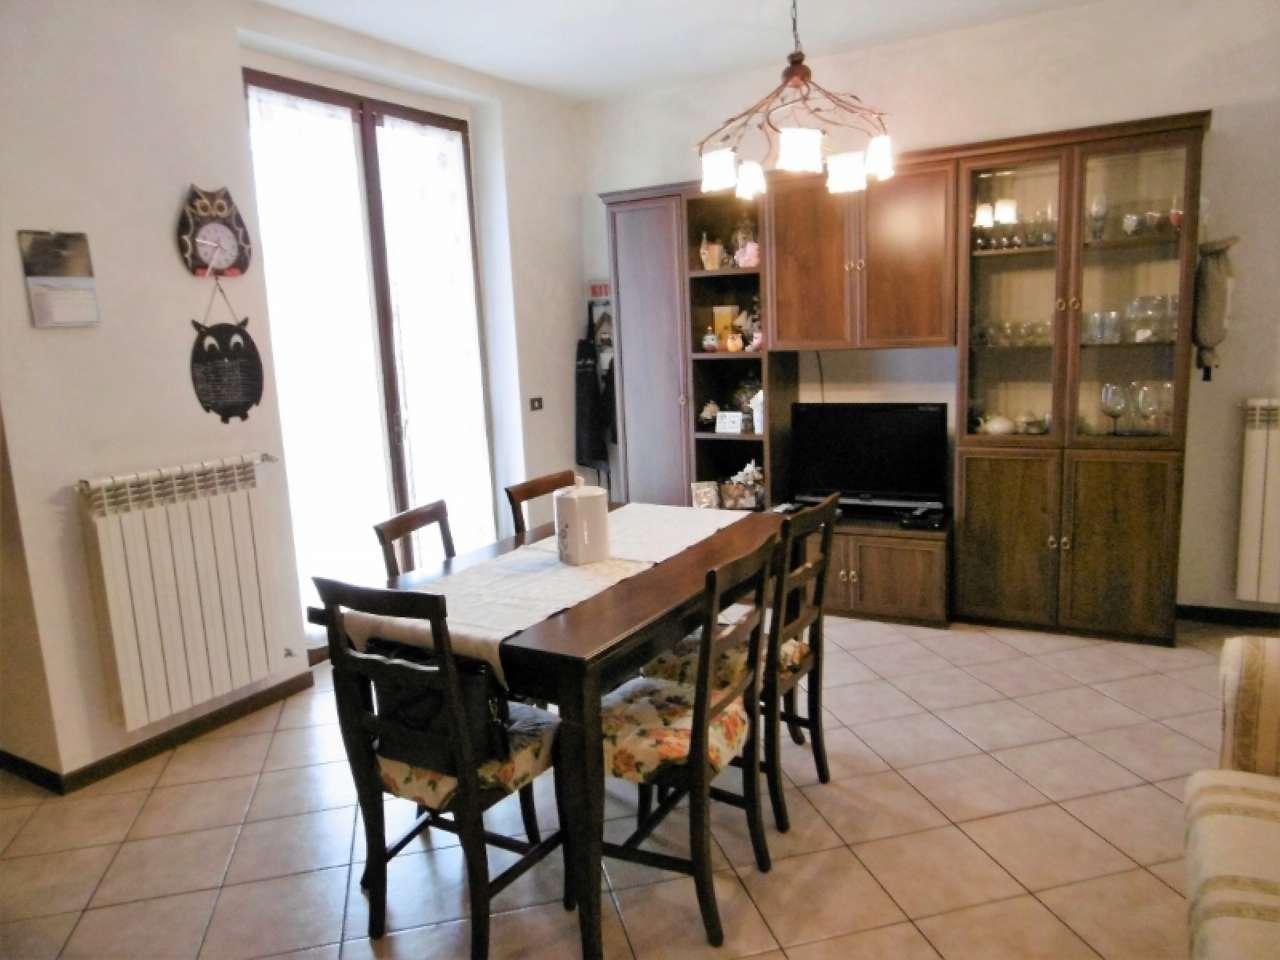 Appartamento in vendita a Marcignago, 3 locali, prezzo € 75.000 | CambioCasa.it